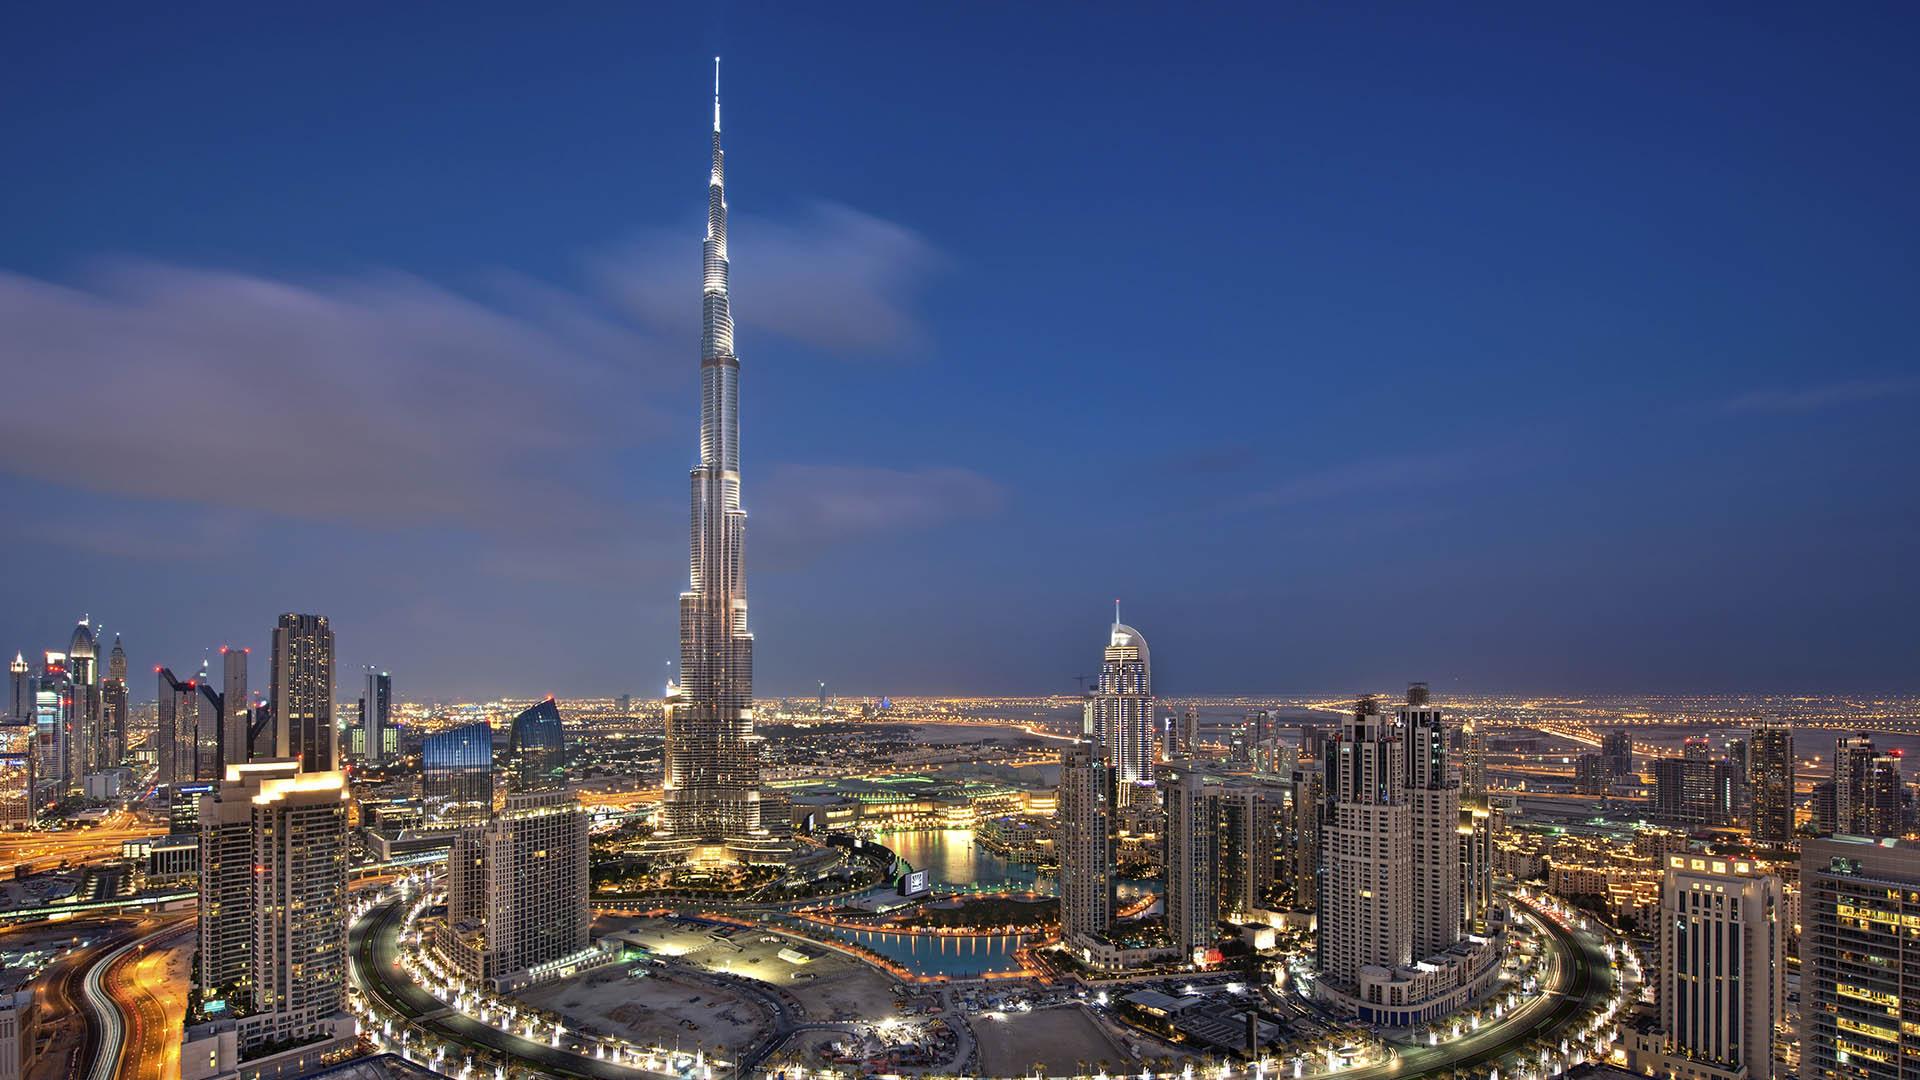 Burj Khalifa - 1